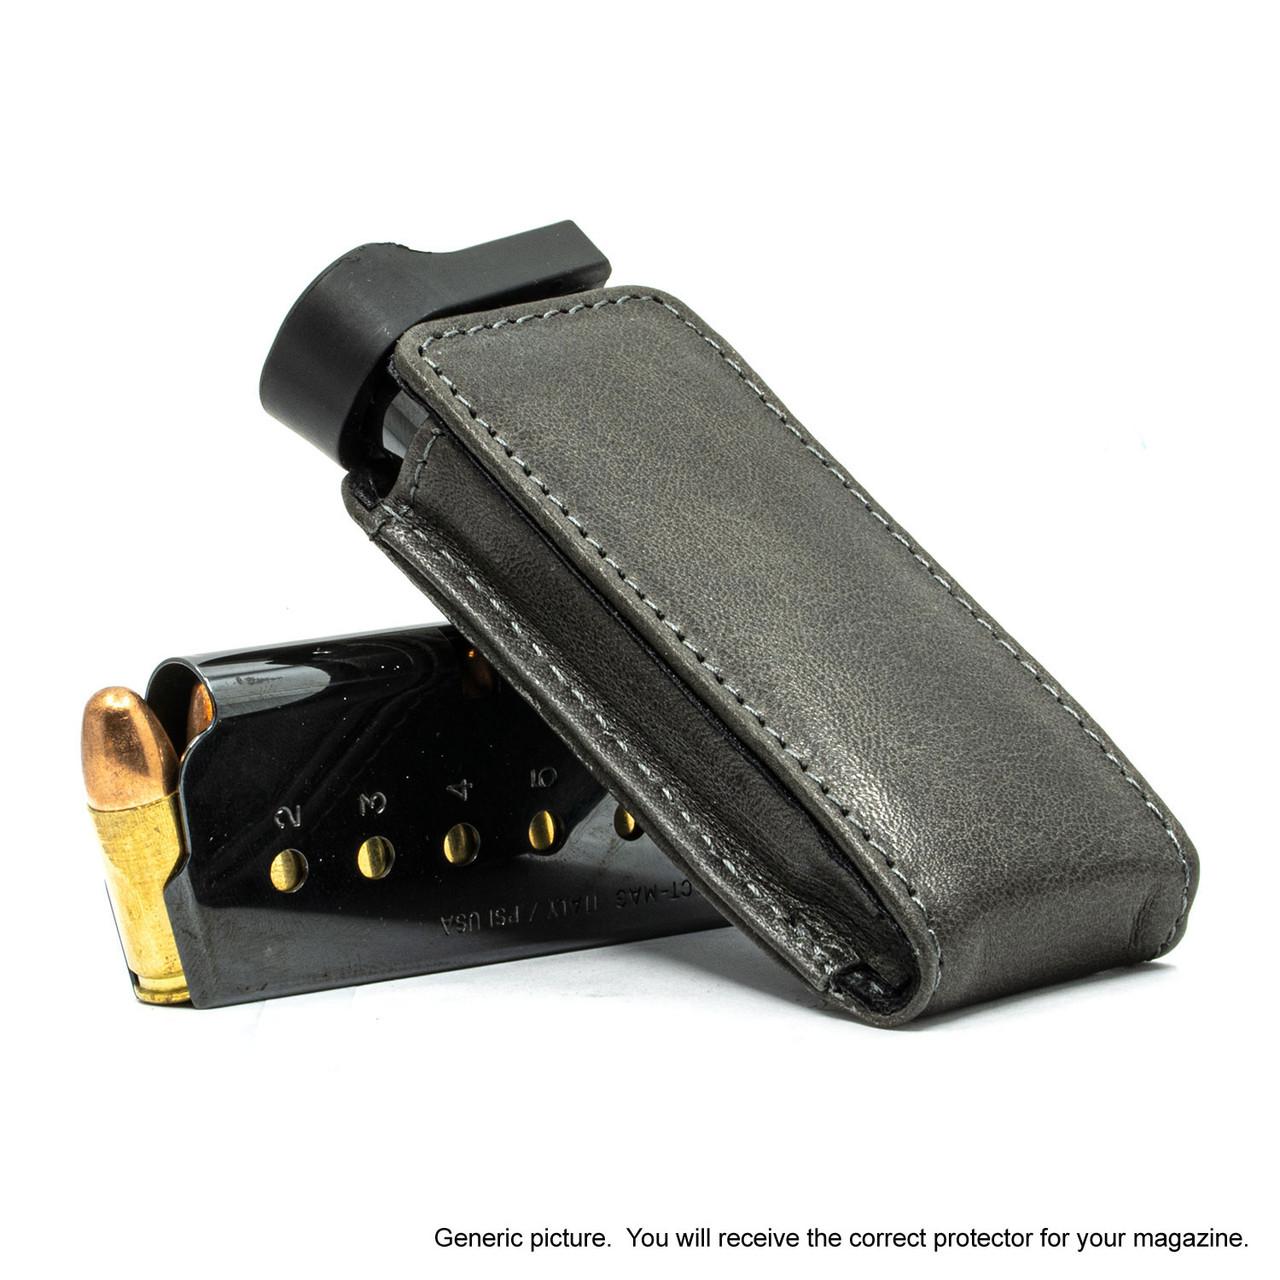 AMT Backup .380 Black Freedom Magazine Pocket Protector